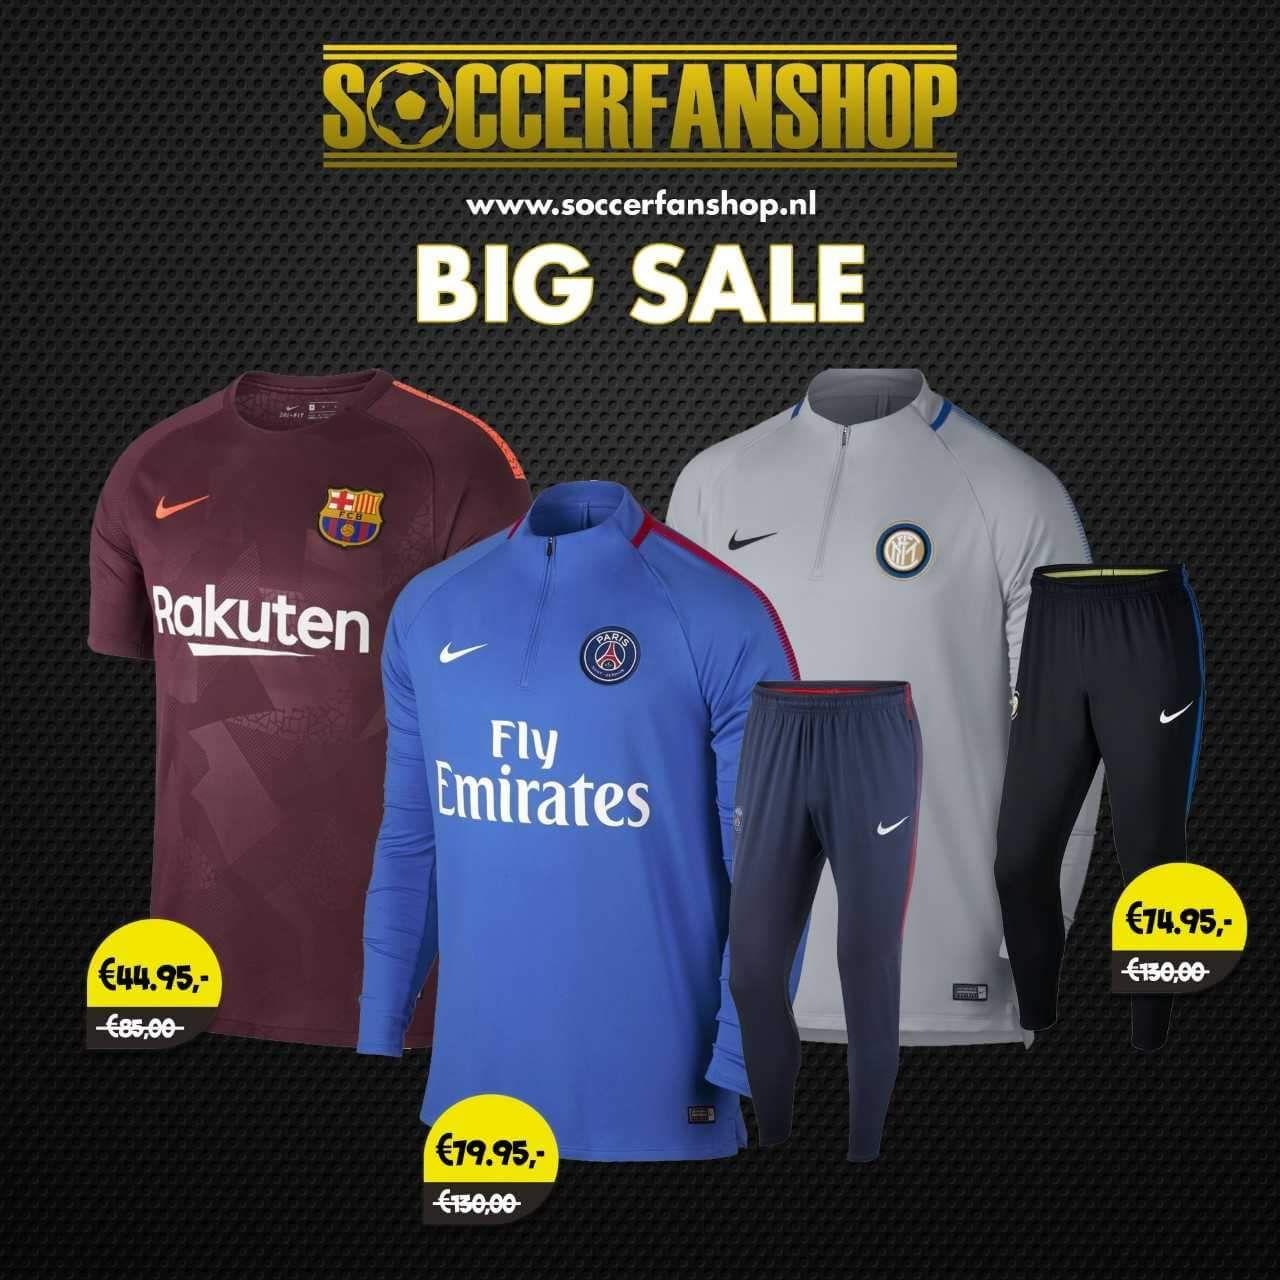 Big Sale 2018 bij Soccerfanshop